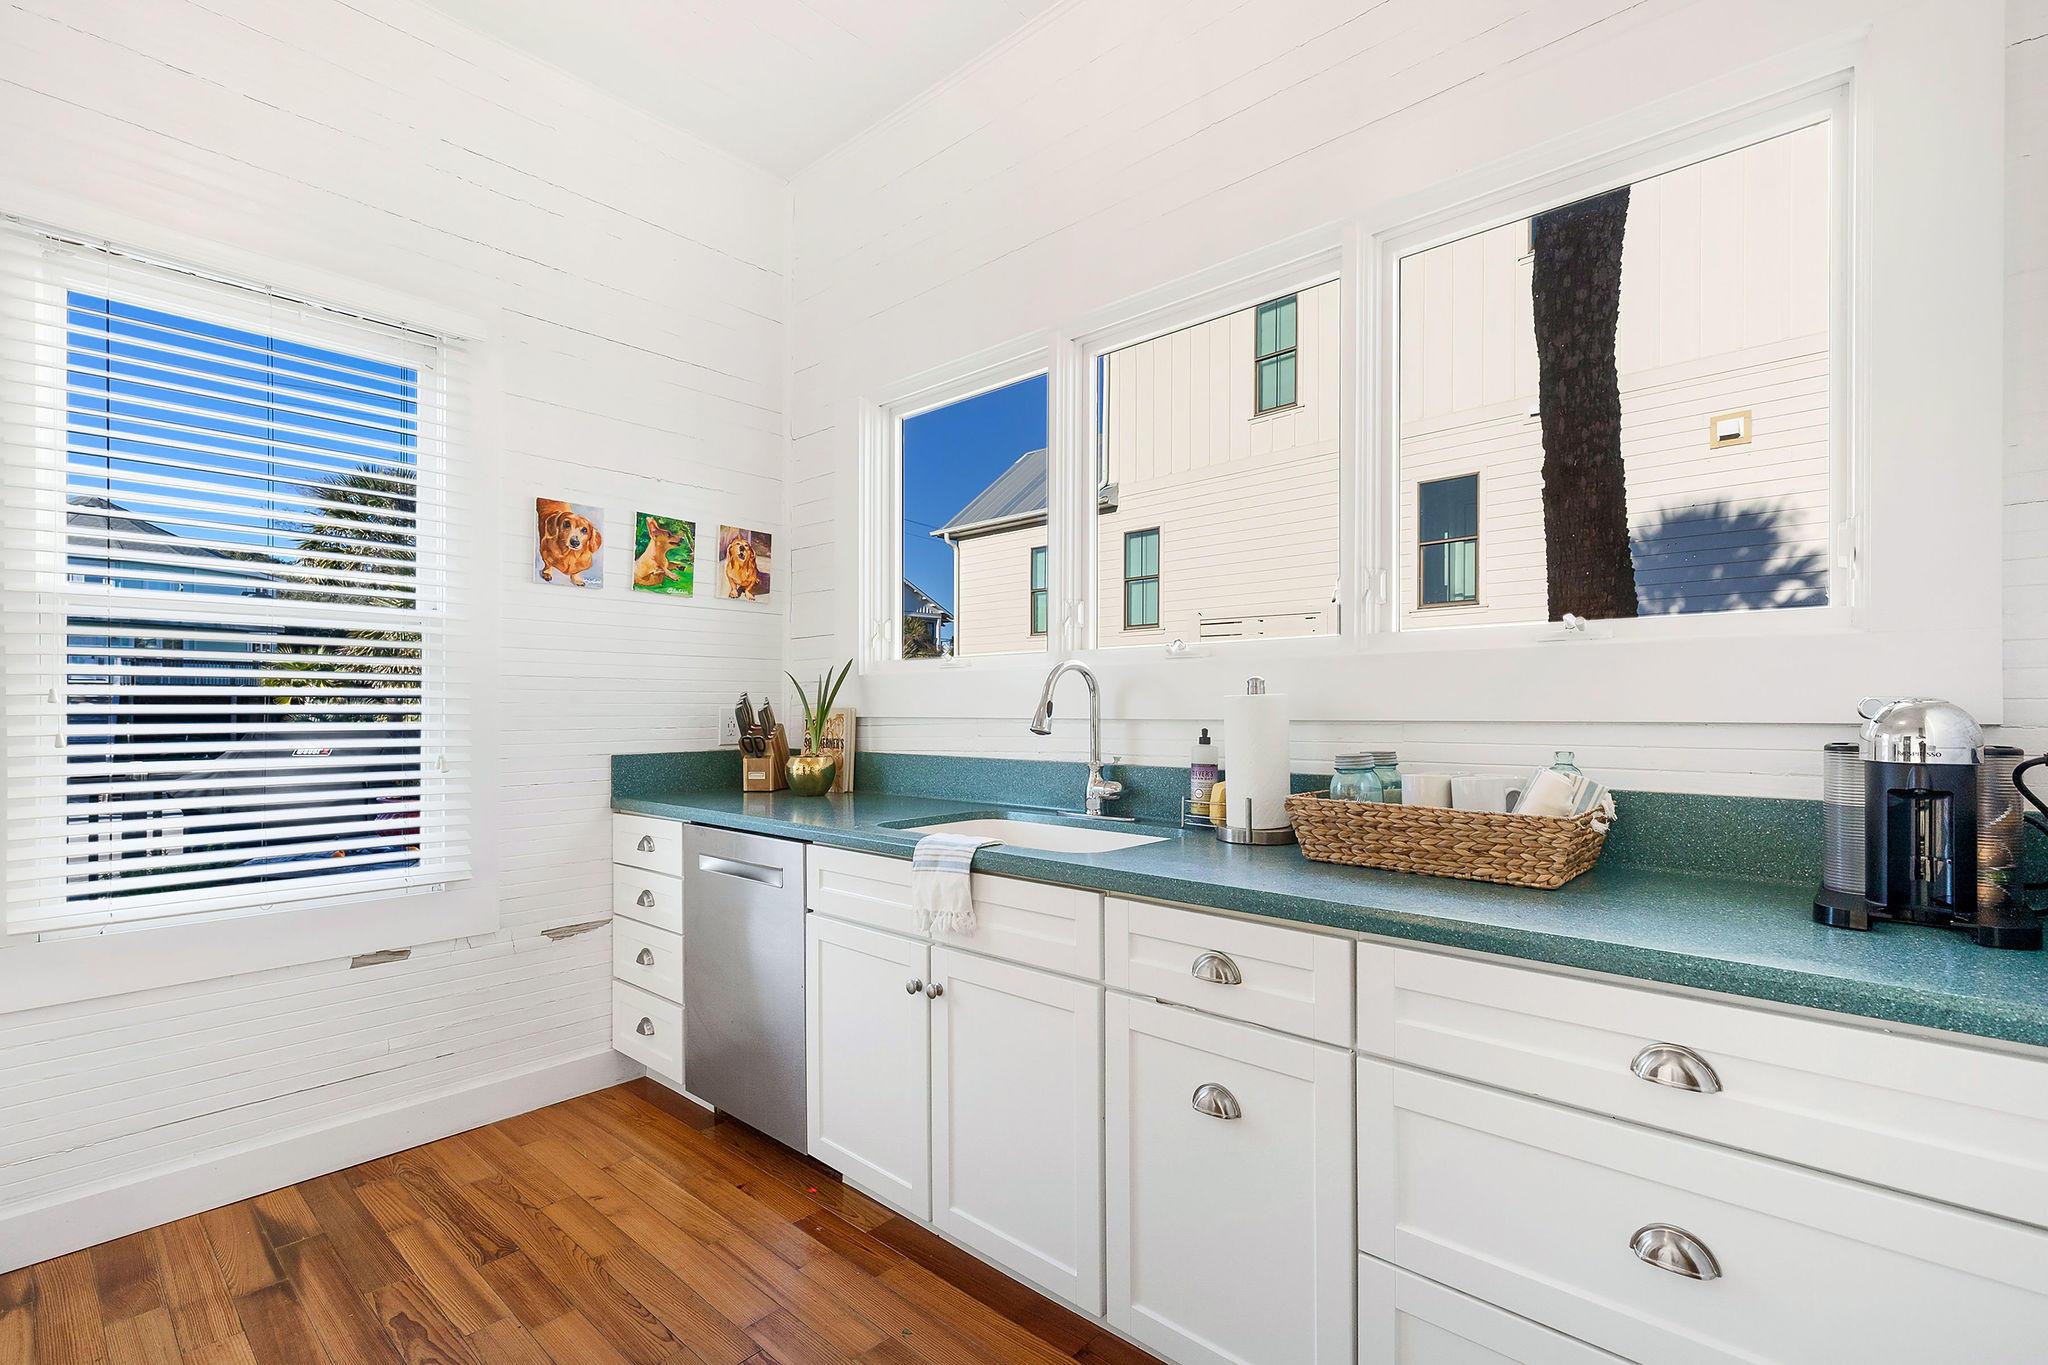 Folly Beach Homes For Sale - 509 Ashley, Folly Beach, SC - 18